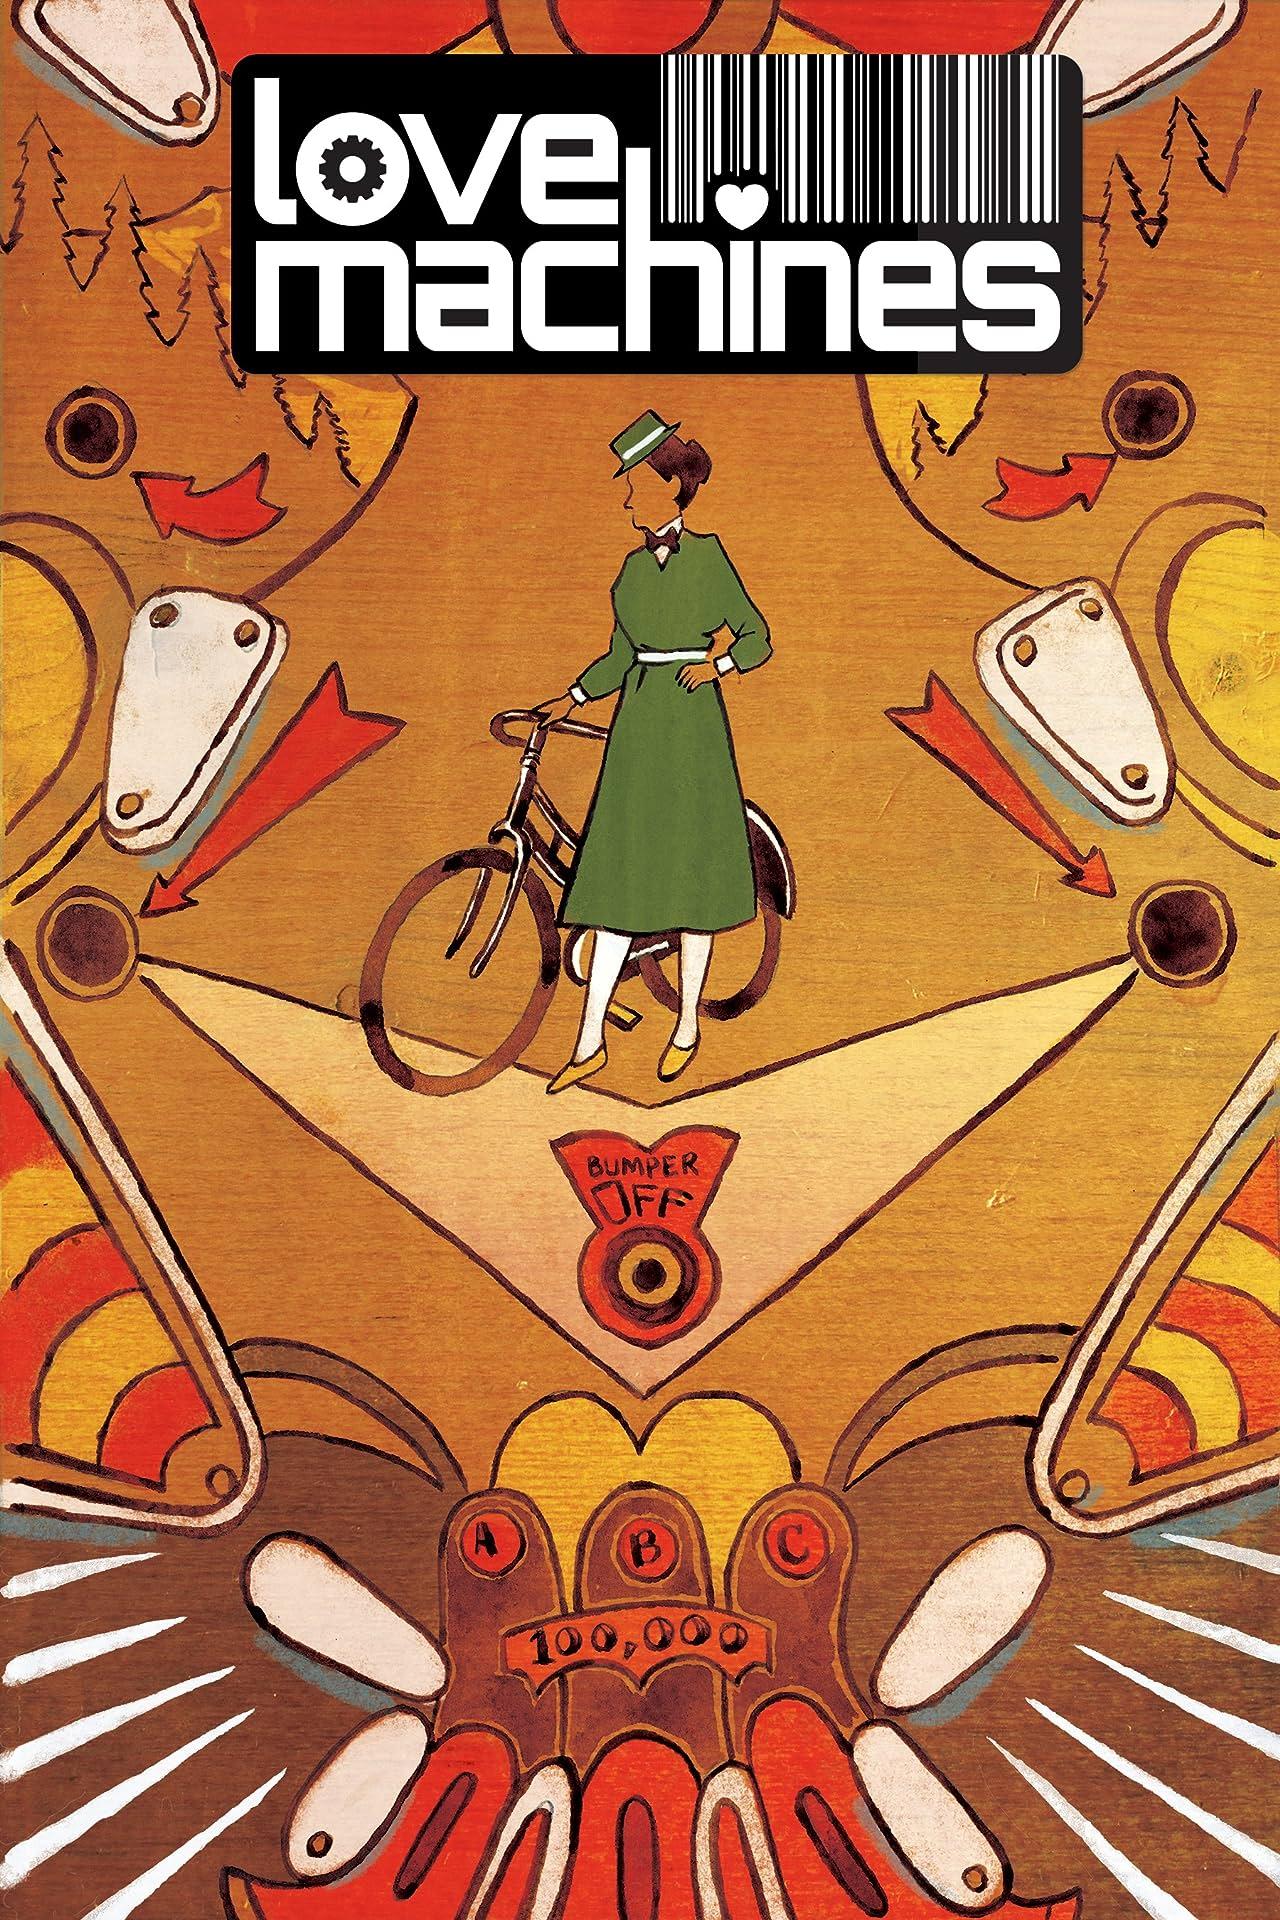 Love Machines #2